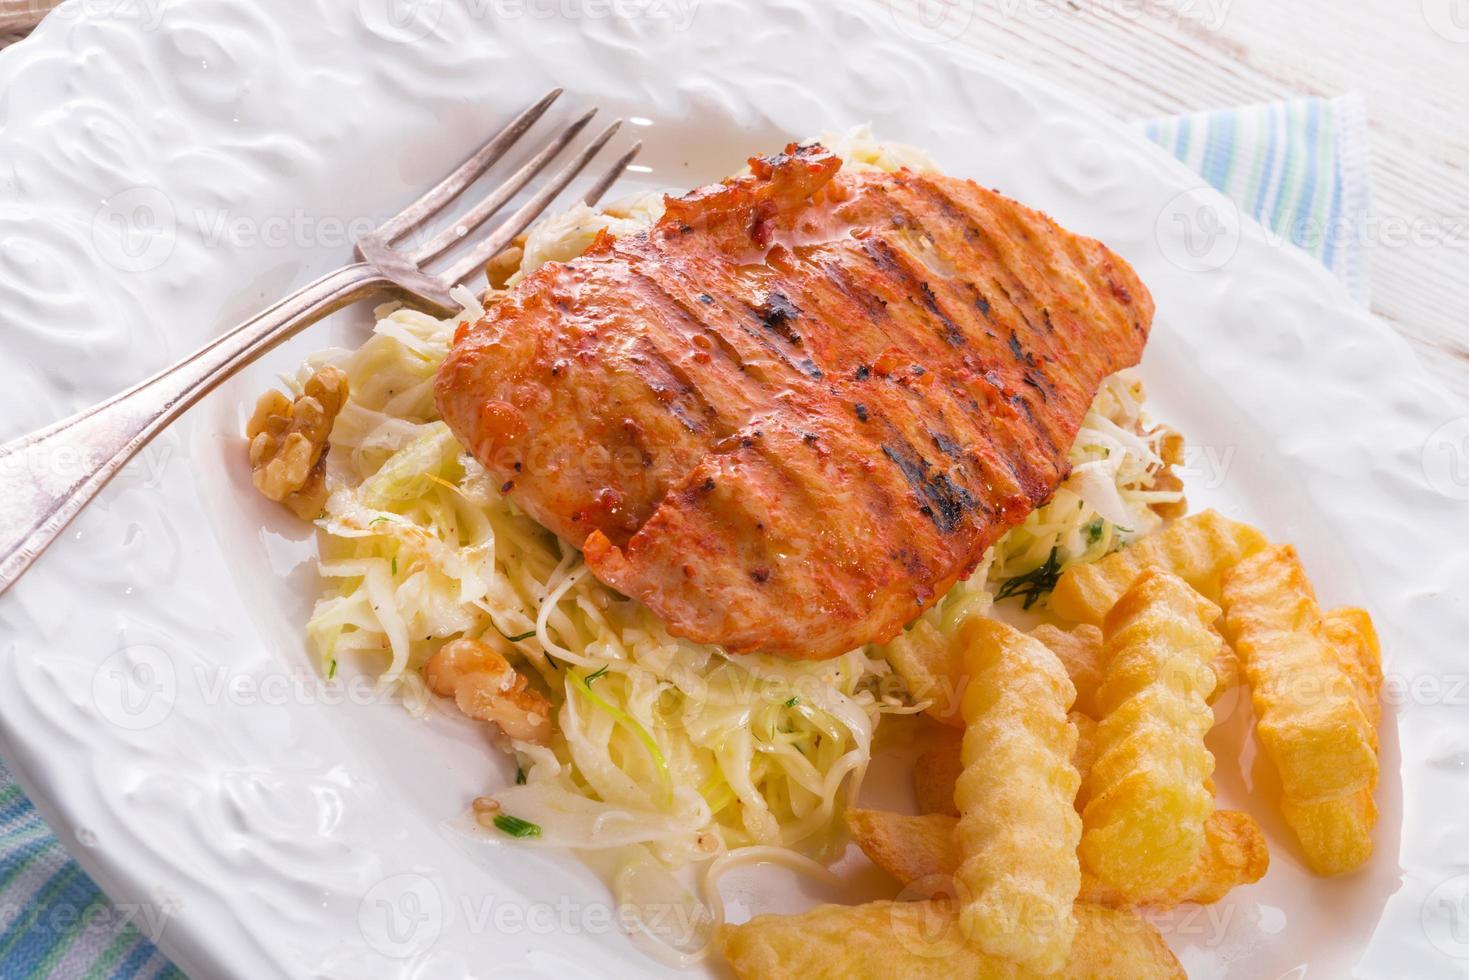 Gegrilltes Hähnchen, Kohlsalat mit Nüssen und Pommes foto